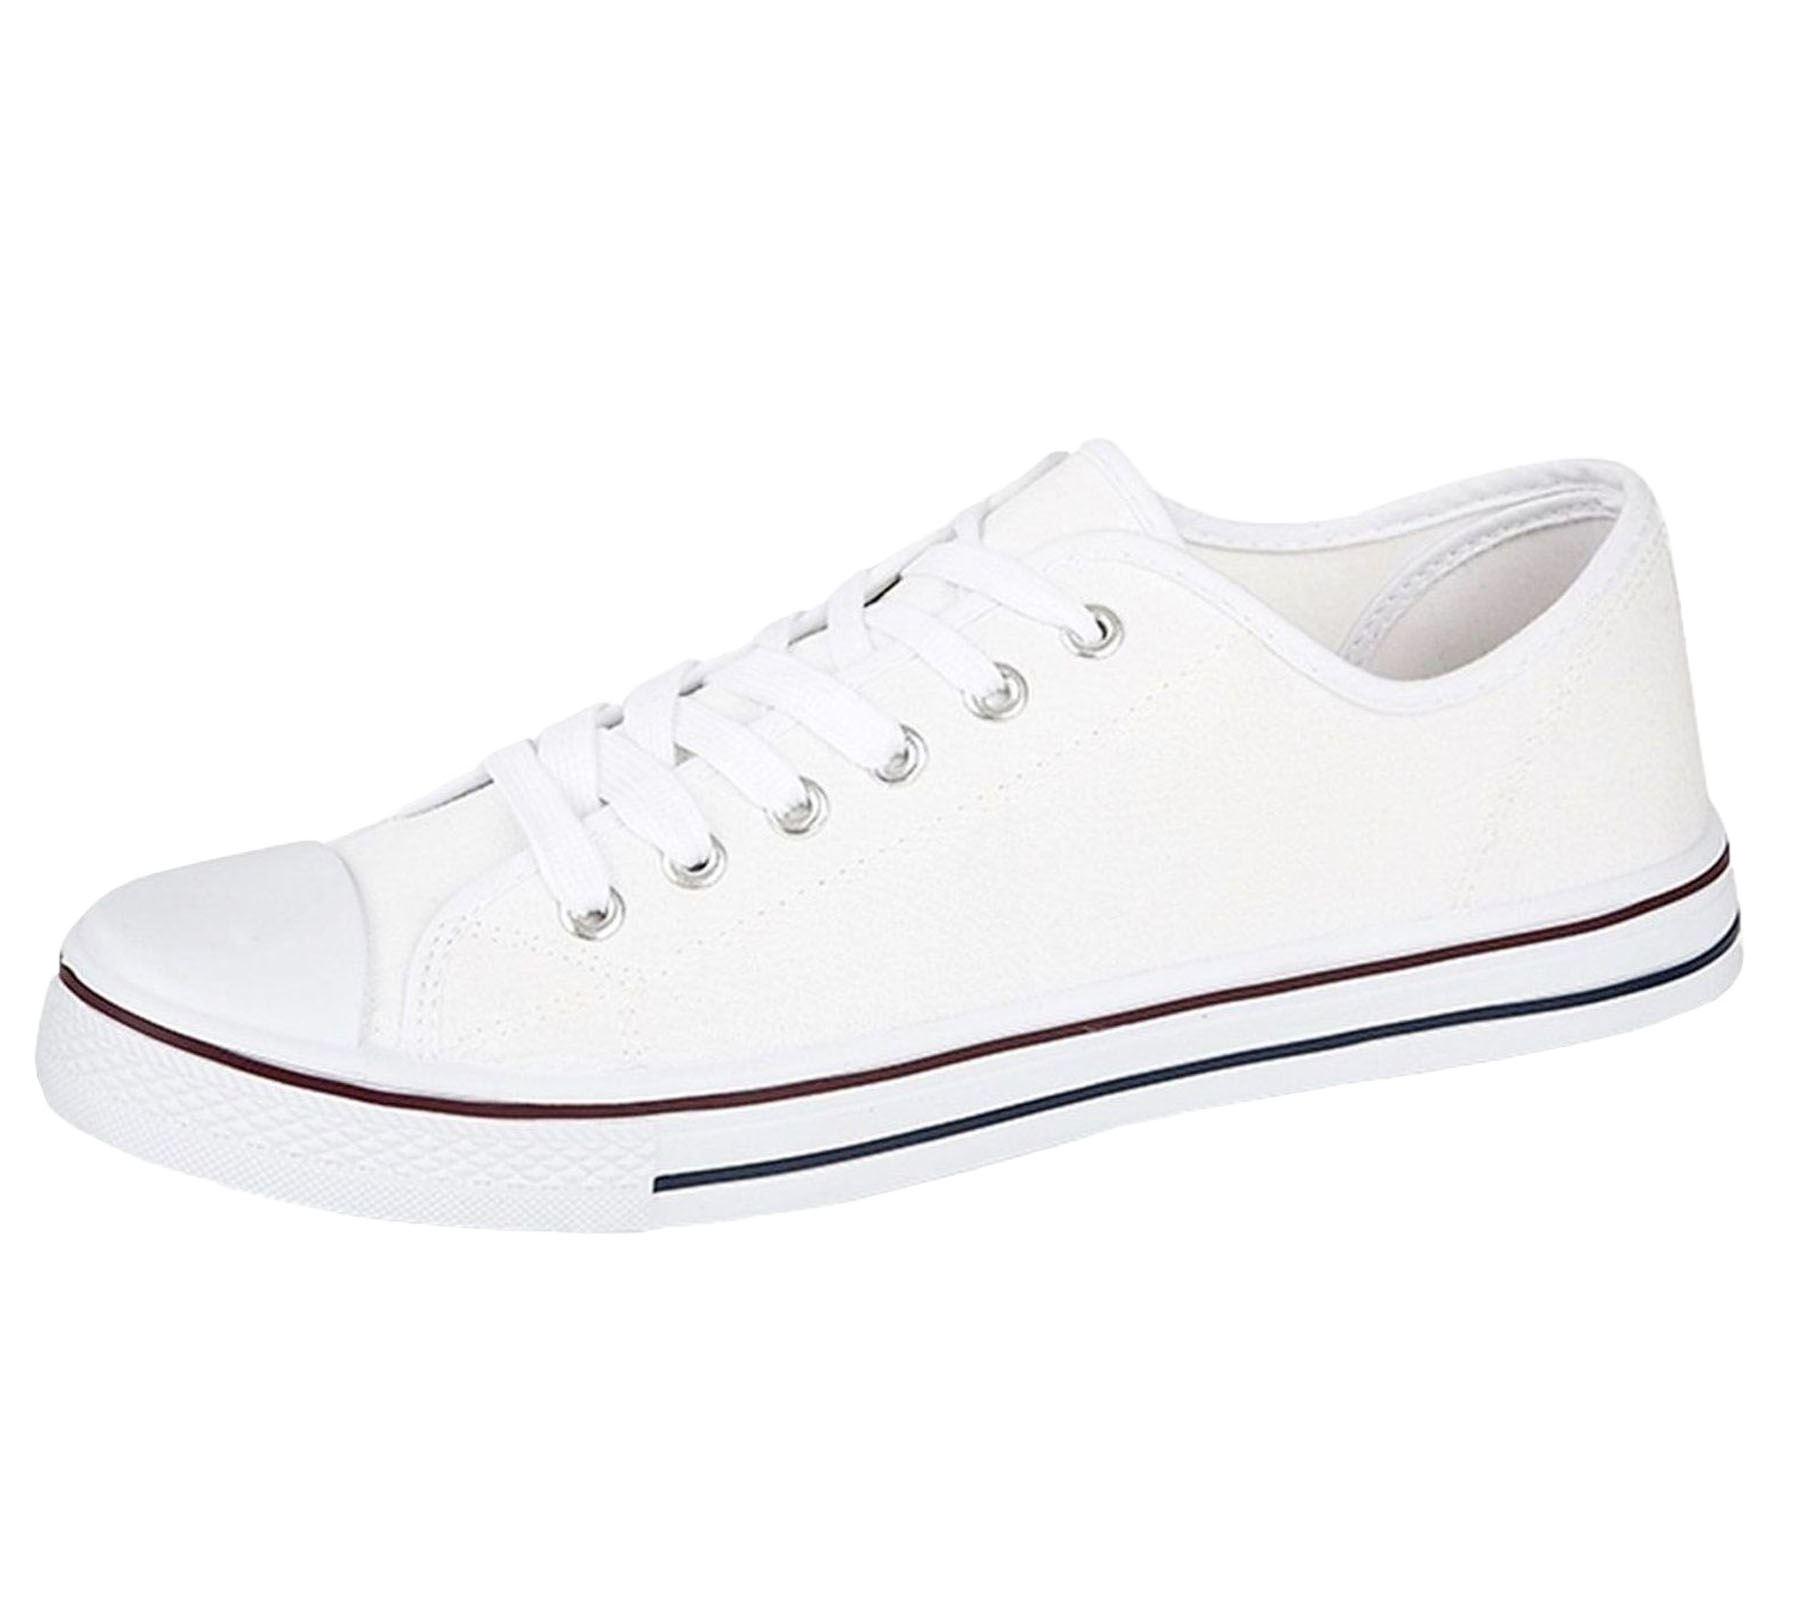 Mens-Canvas-Shoes-Plimsole-Trainer-Pumps-Lace-Up-Flat-Shoes thumbnail 17